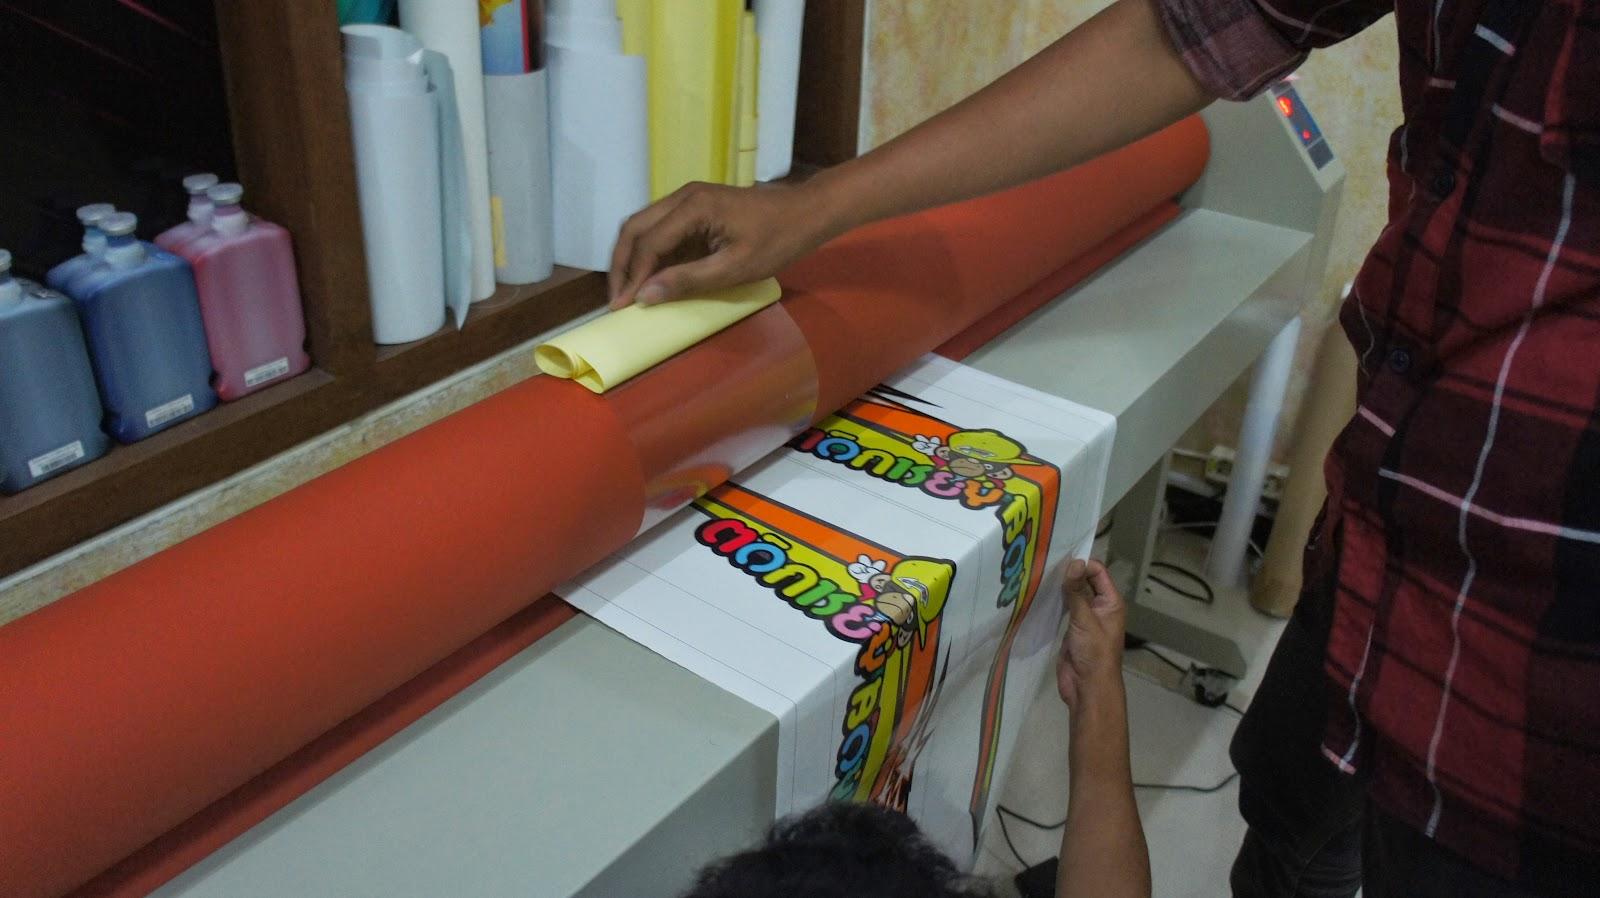 Print Sticker Vinyl Meteran Roland Cetakan Berkualitas 1440 Dpi Stiker Vinil Kualitas Bagus Kami Senantiasa Memproduksi Dengan Warna Yang Super Tajam Dimana Tintanya Adalah Tinta Ecosolvent Premium Mesin Cetak